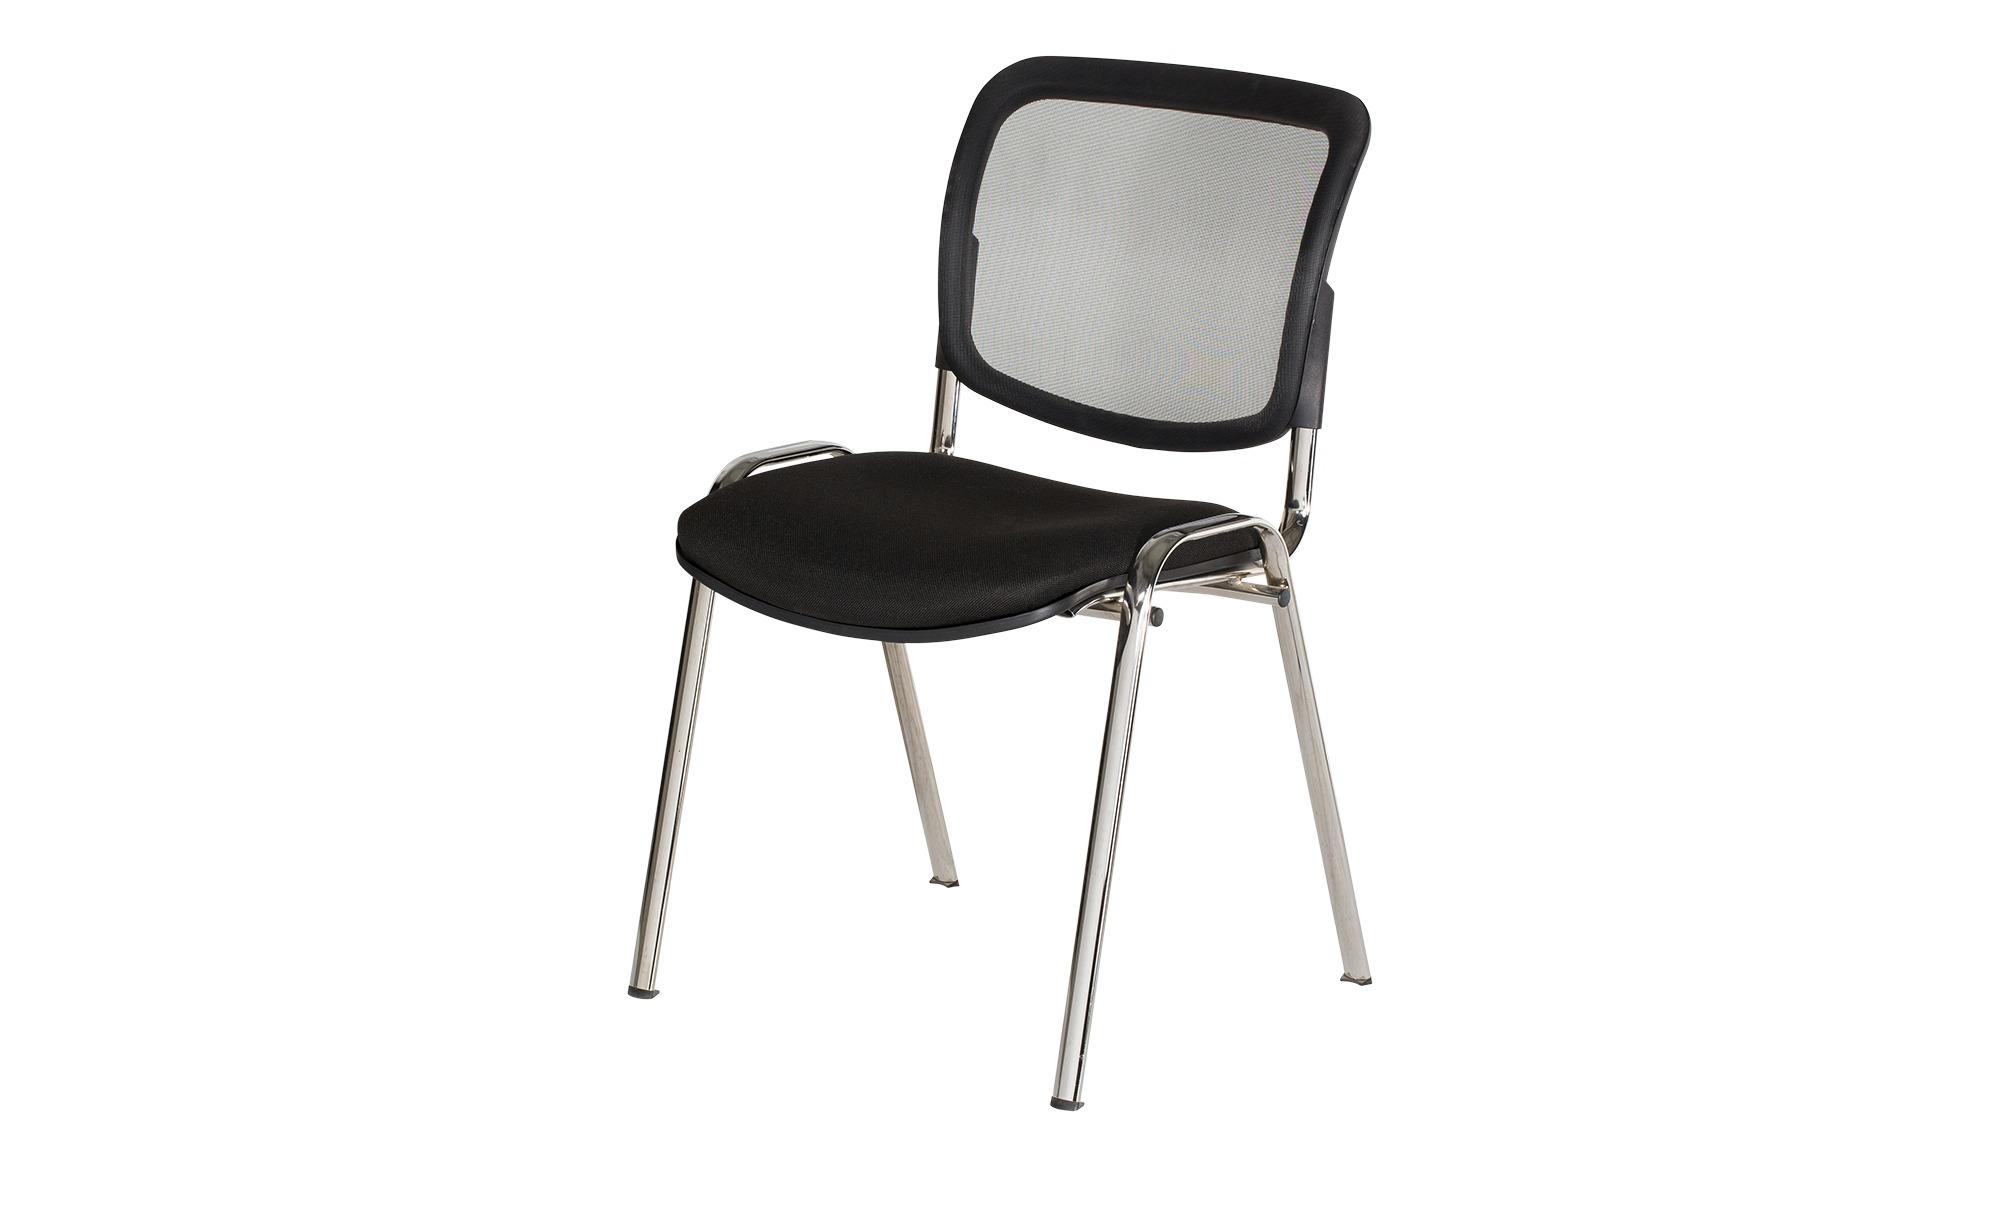 home worx Konferenzstuhl  Home Worx Office 400 ¦ schwarz Stühle > Bürostühle > Konferenzstühle - Höffner | Büro > Bürostühle und Sessel  > Konferenzstühle | Schwarz | Möbel Höffner DE